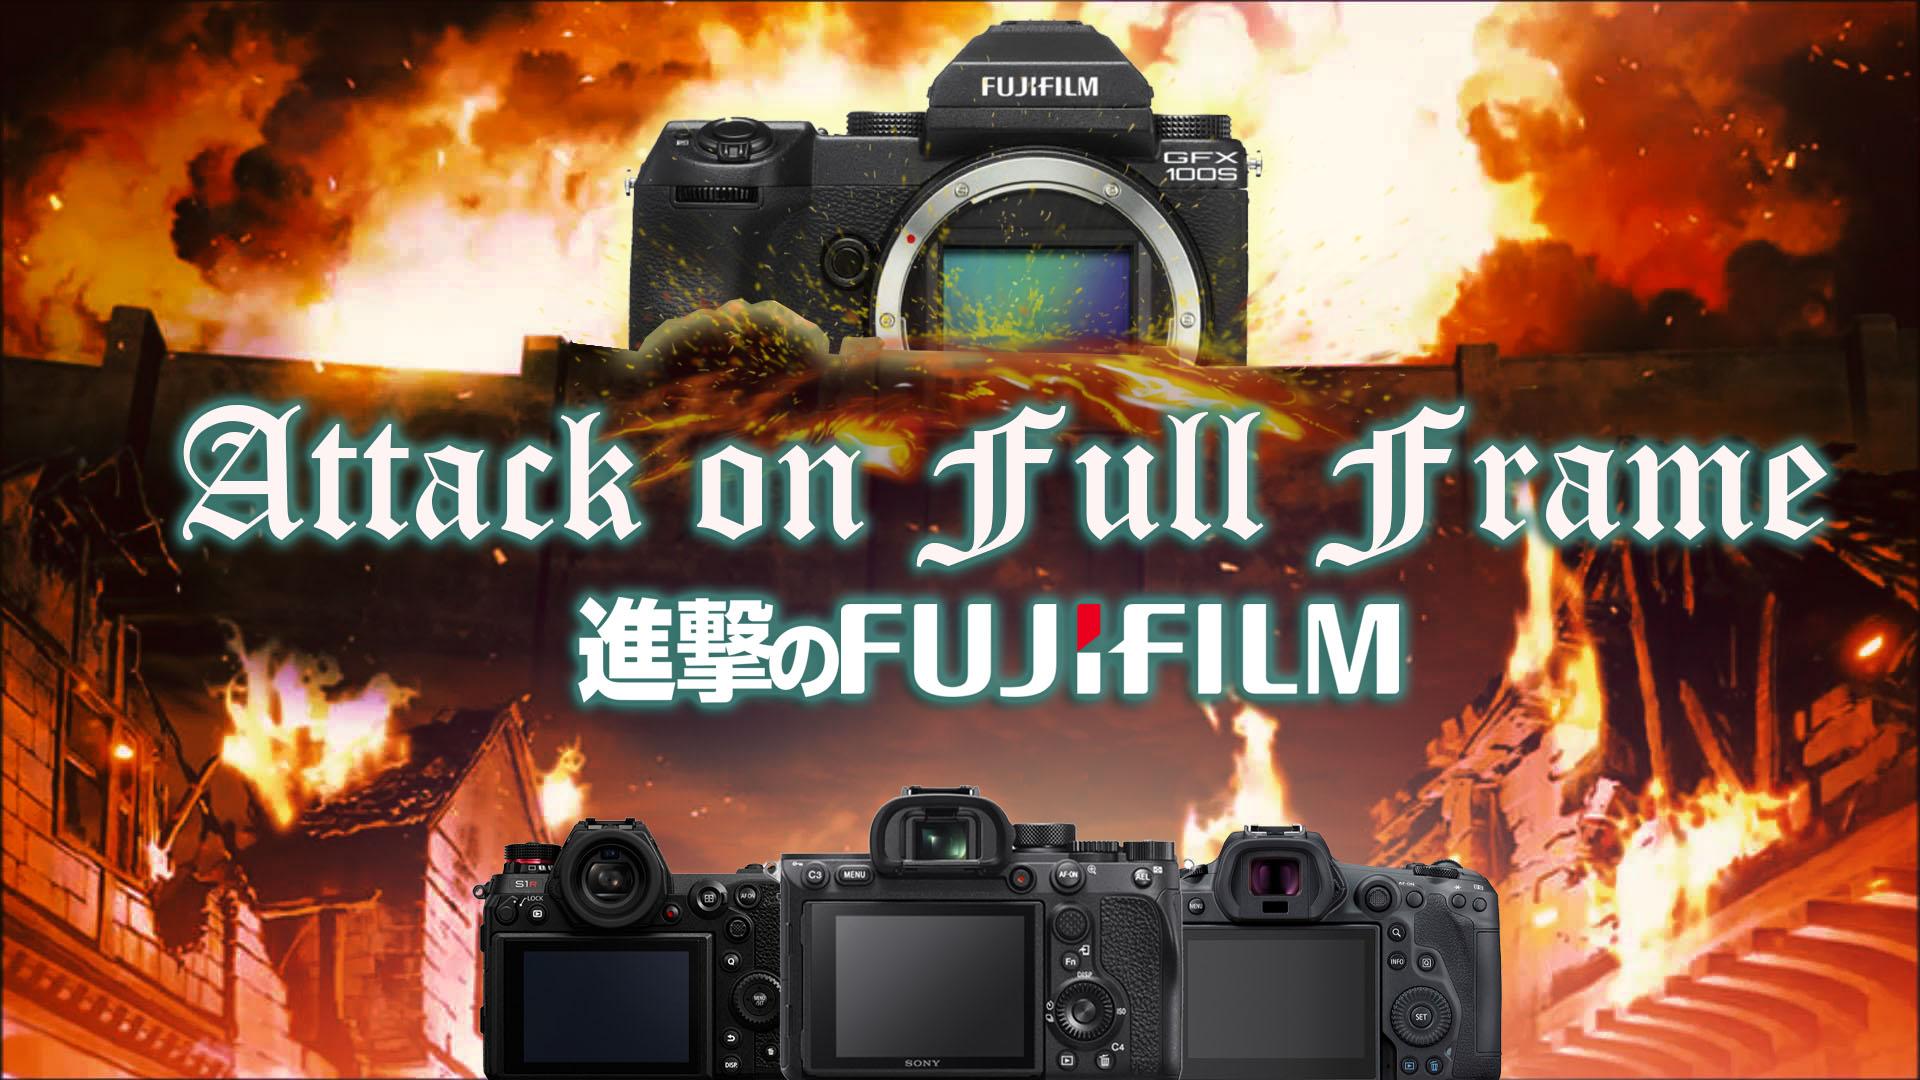 attack on full frame